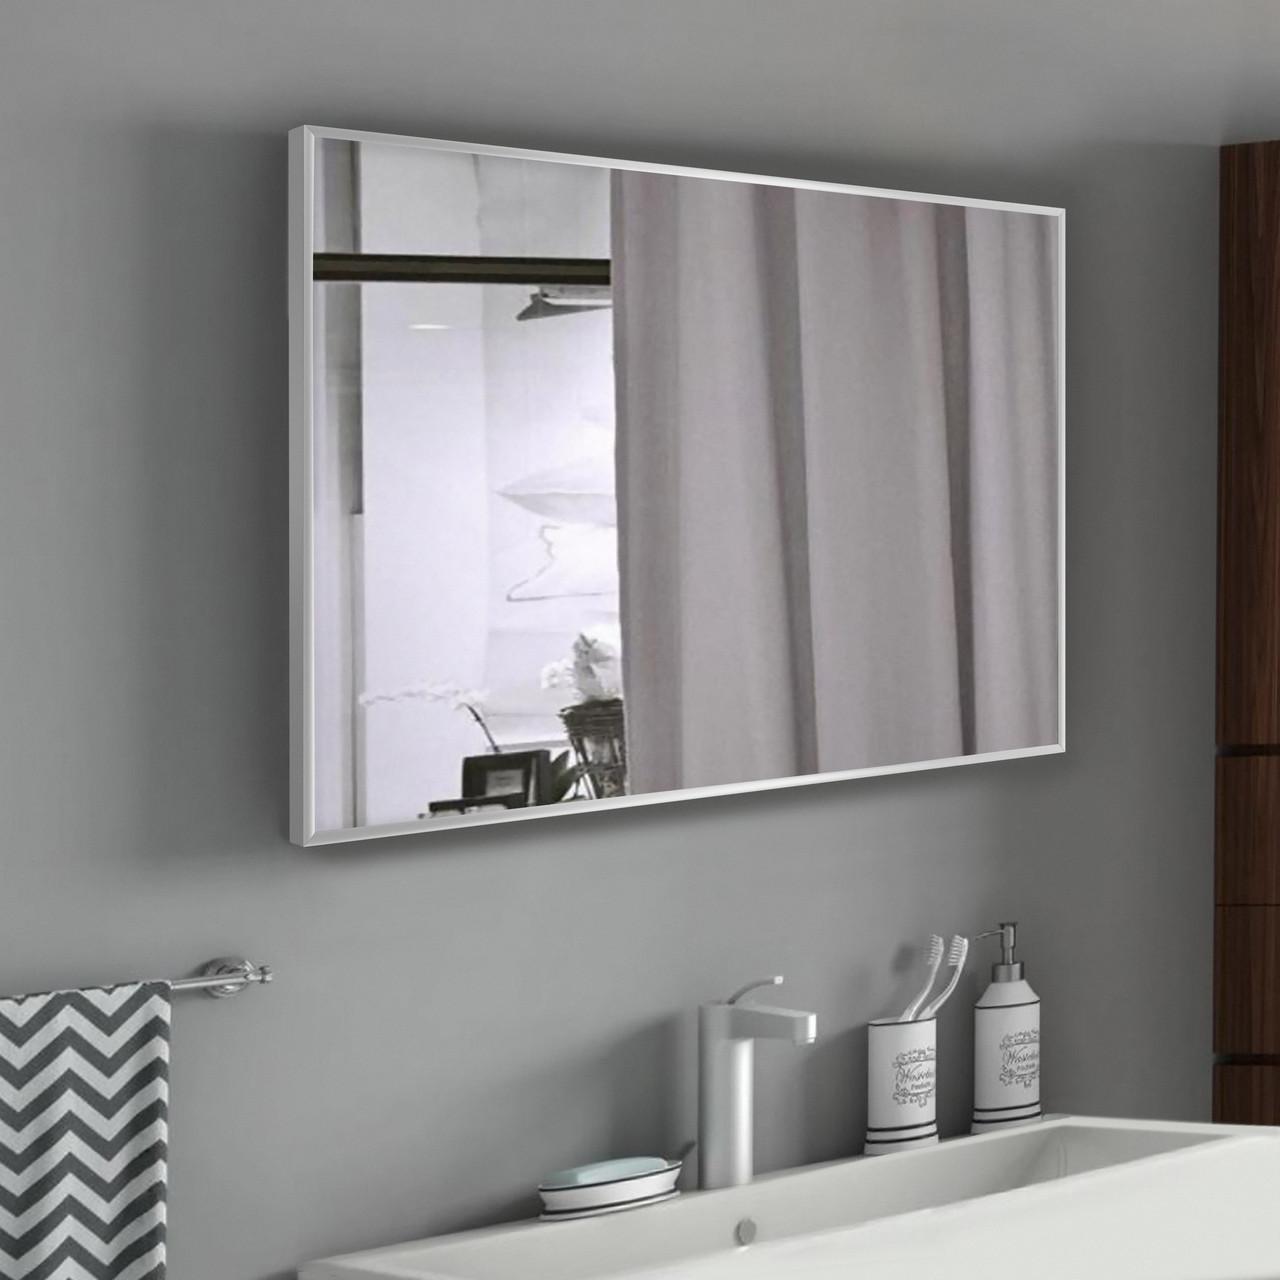 Зеркало в алюминиевой раме влагоустойчивое 700х500 мм серого цвета пр. Украина